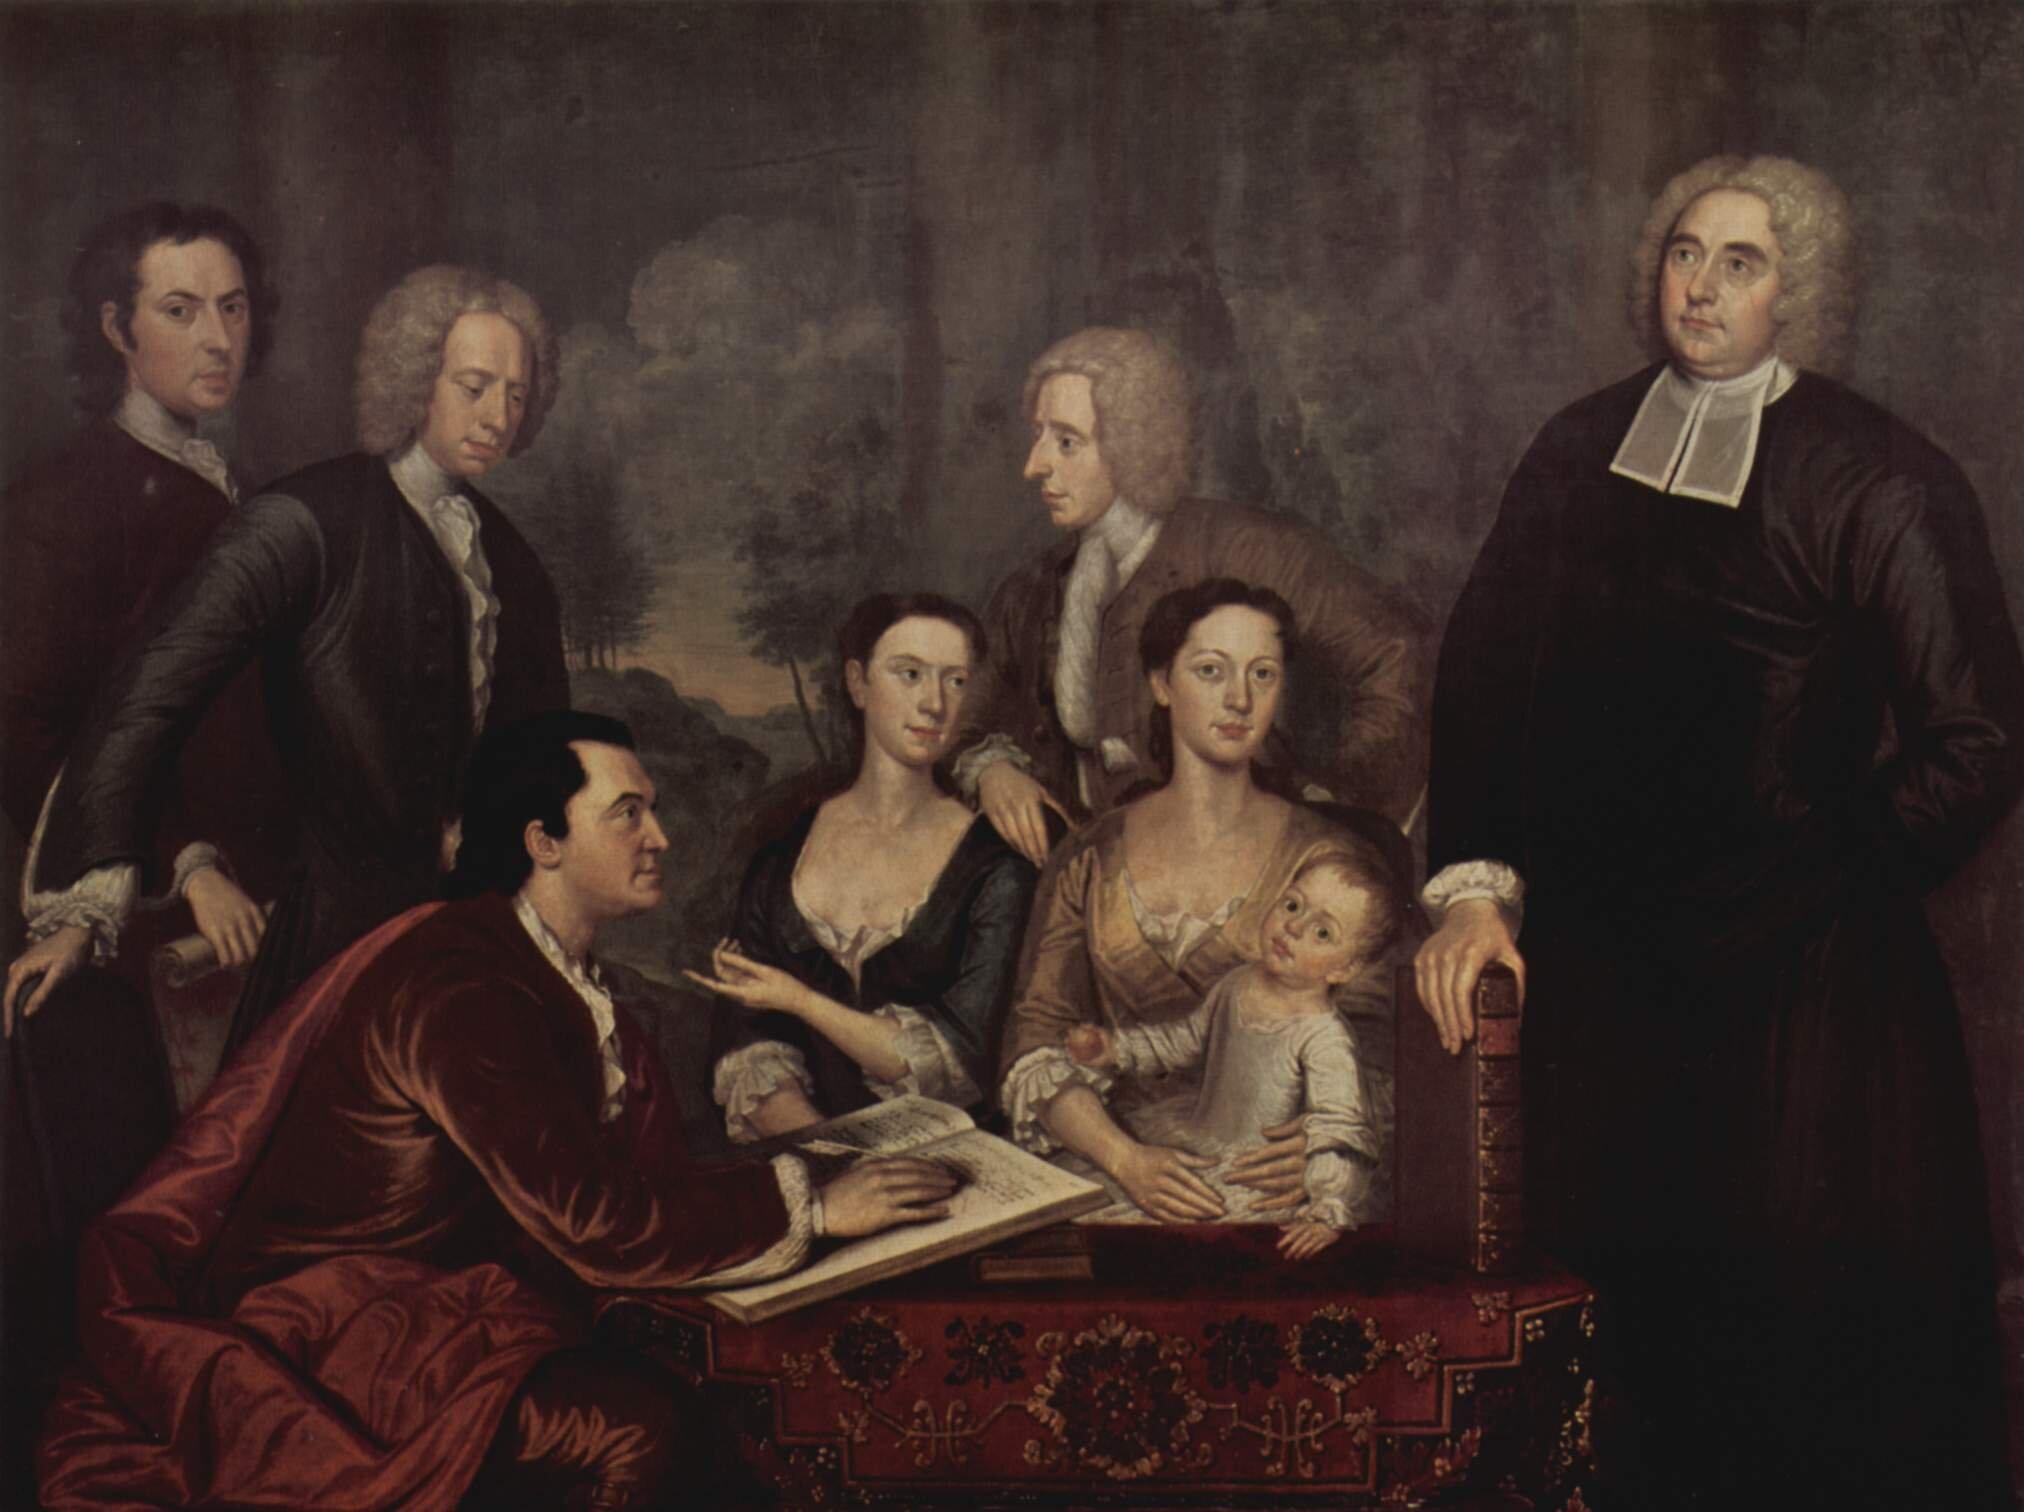 Rodzina George'a Berkleya Irlandzki filozof George Berkeley zrodziną Źródło: John Smibert, Rodzina George'a Berkleya, ok. 1730, olej na płótnie, Yale University Art Gallery, domena publiczna.